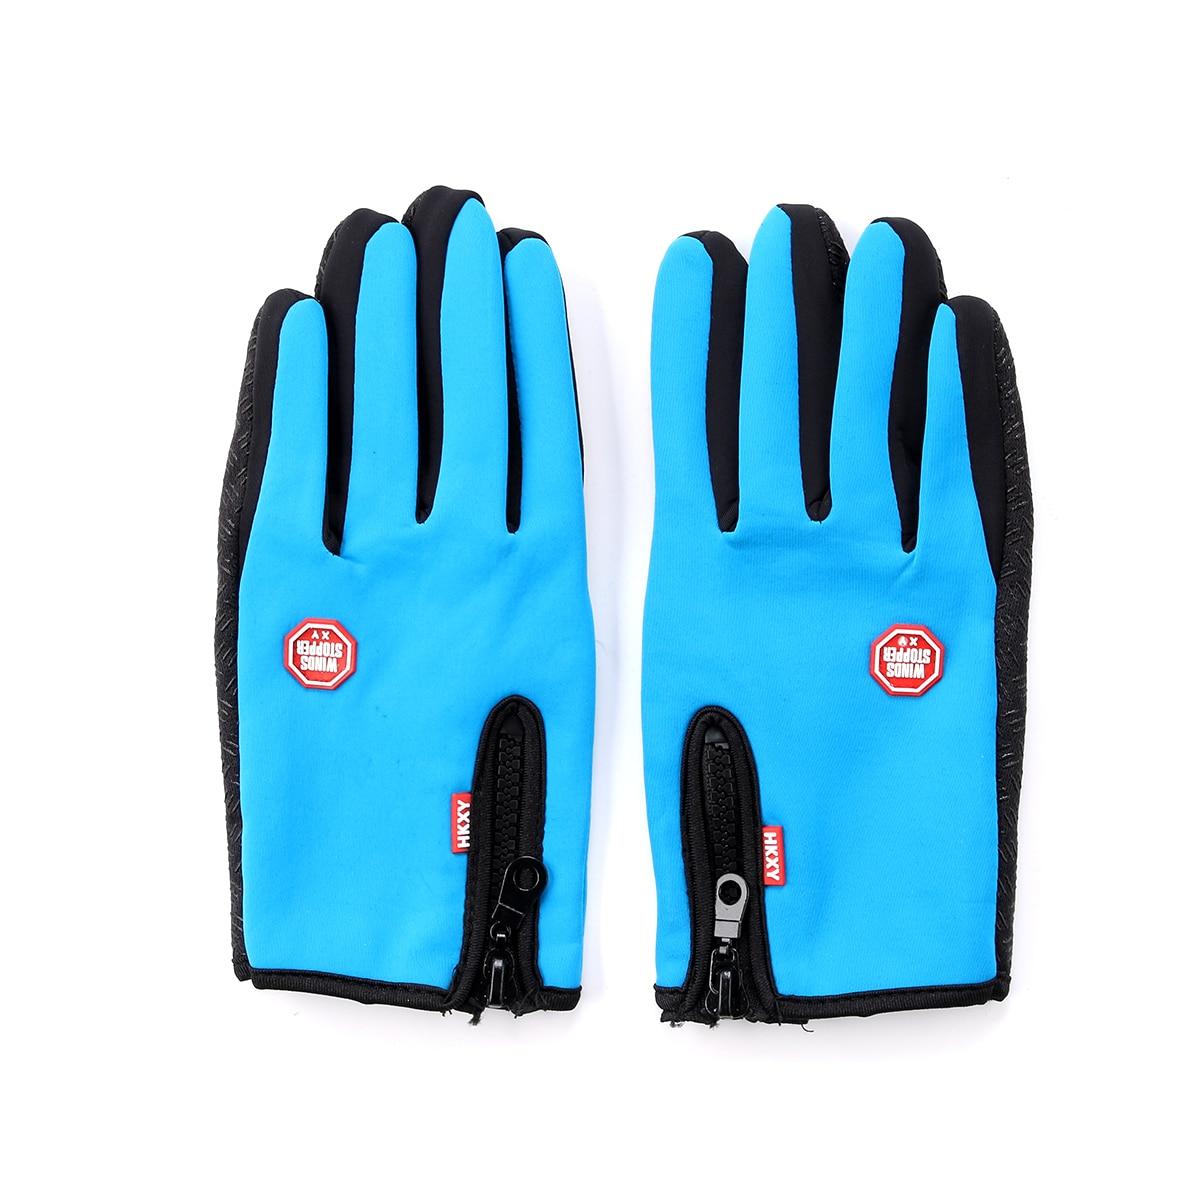 Damen-accessoires Neue Mode Winter Finger Handschuhe Strick Handschuh Kurz Half-finger Handschuhe Weihnachten Der Zubehör Arm Wärmer Kurze Handschuhe ZuverläSsige Leistung Armstulpen